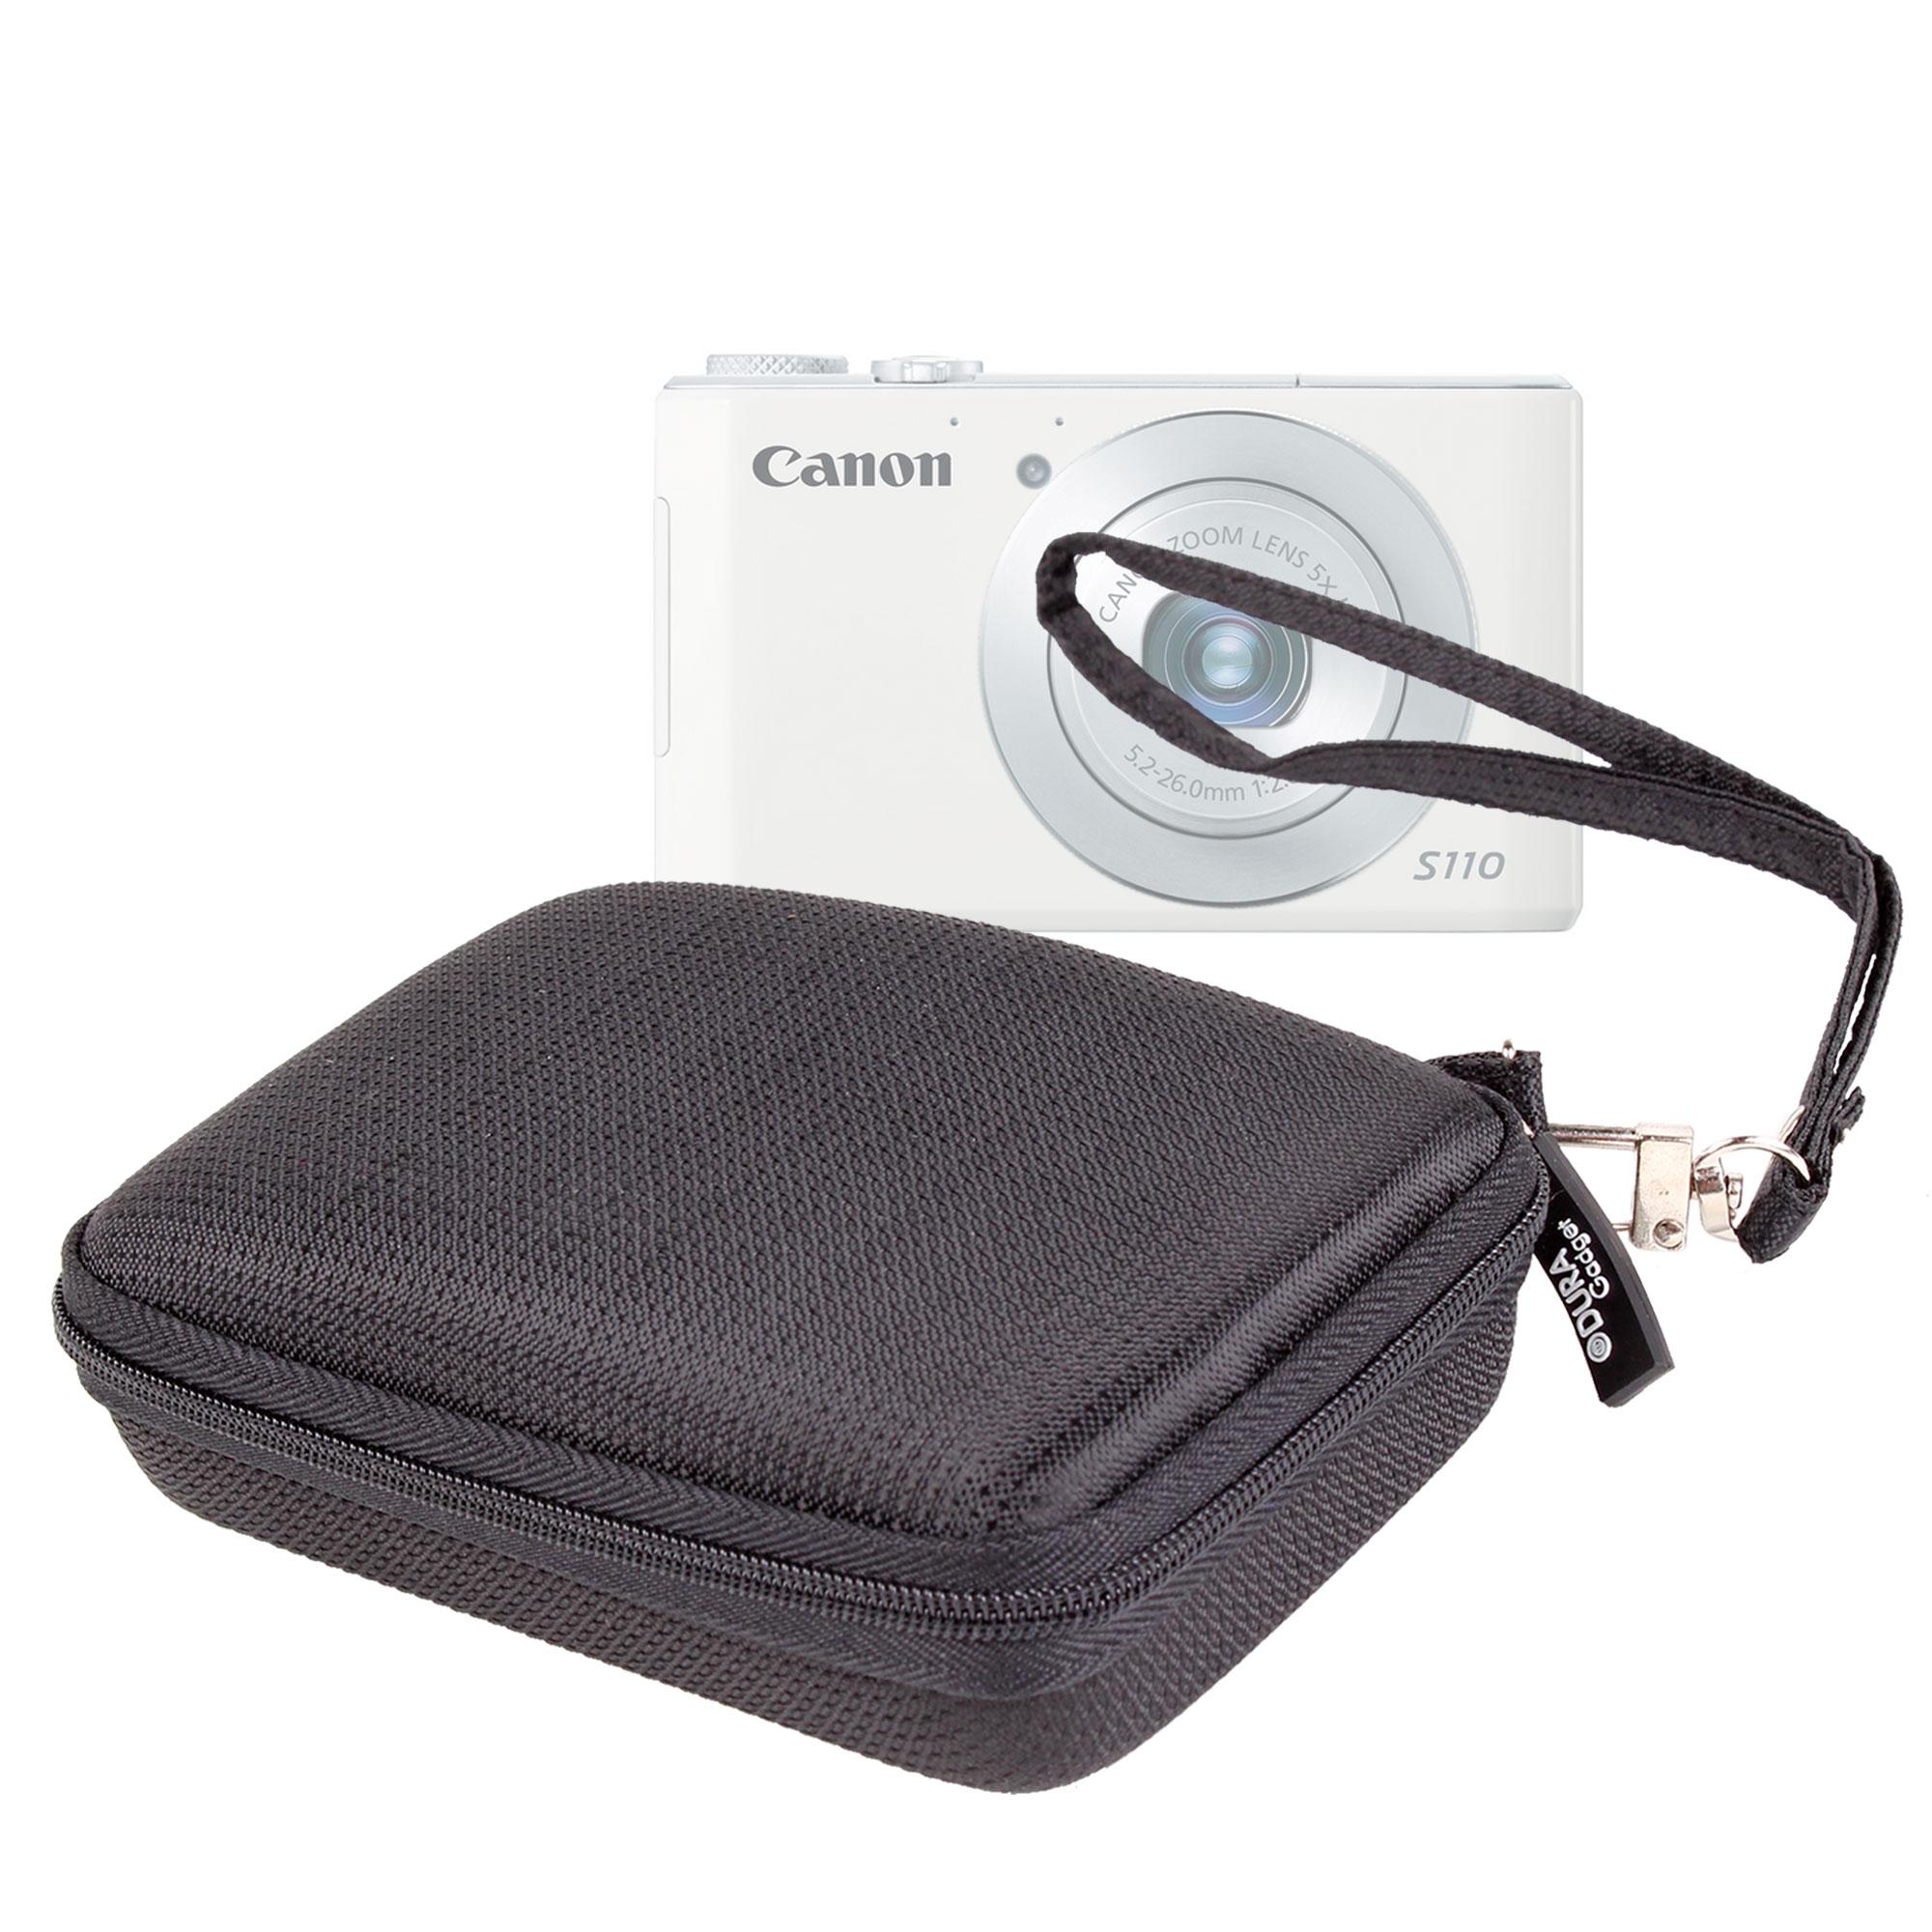 Housse tui rigide pour appareil photo canon powershot d30 for Housse appareil photo canon